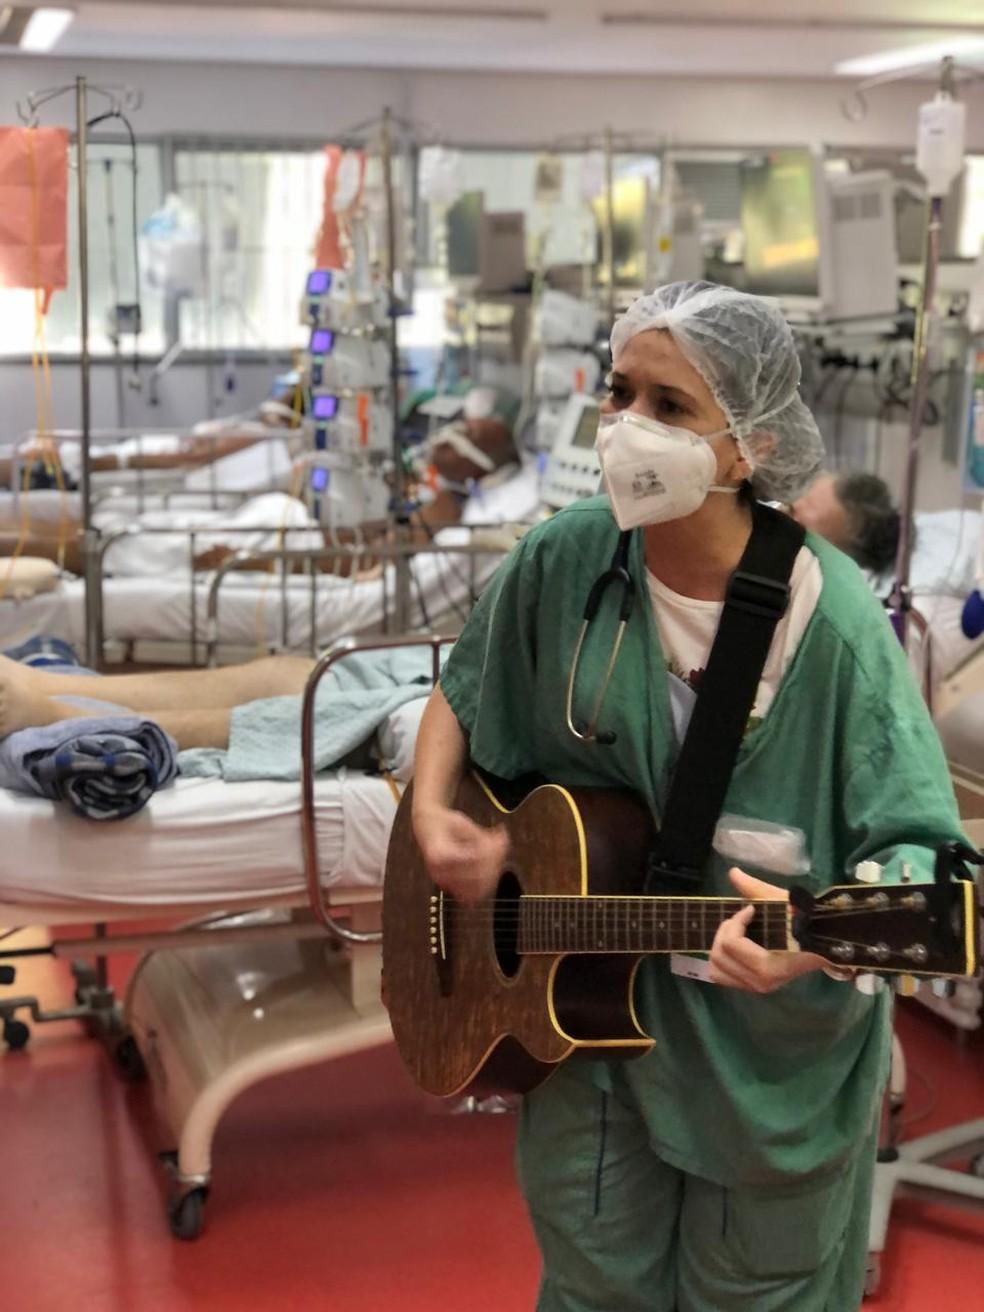 Médica Bruna Falluh toca para pacientes na UTI em hospital em São Paulo — Foto: Divulgação